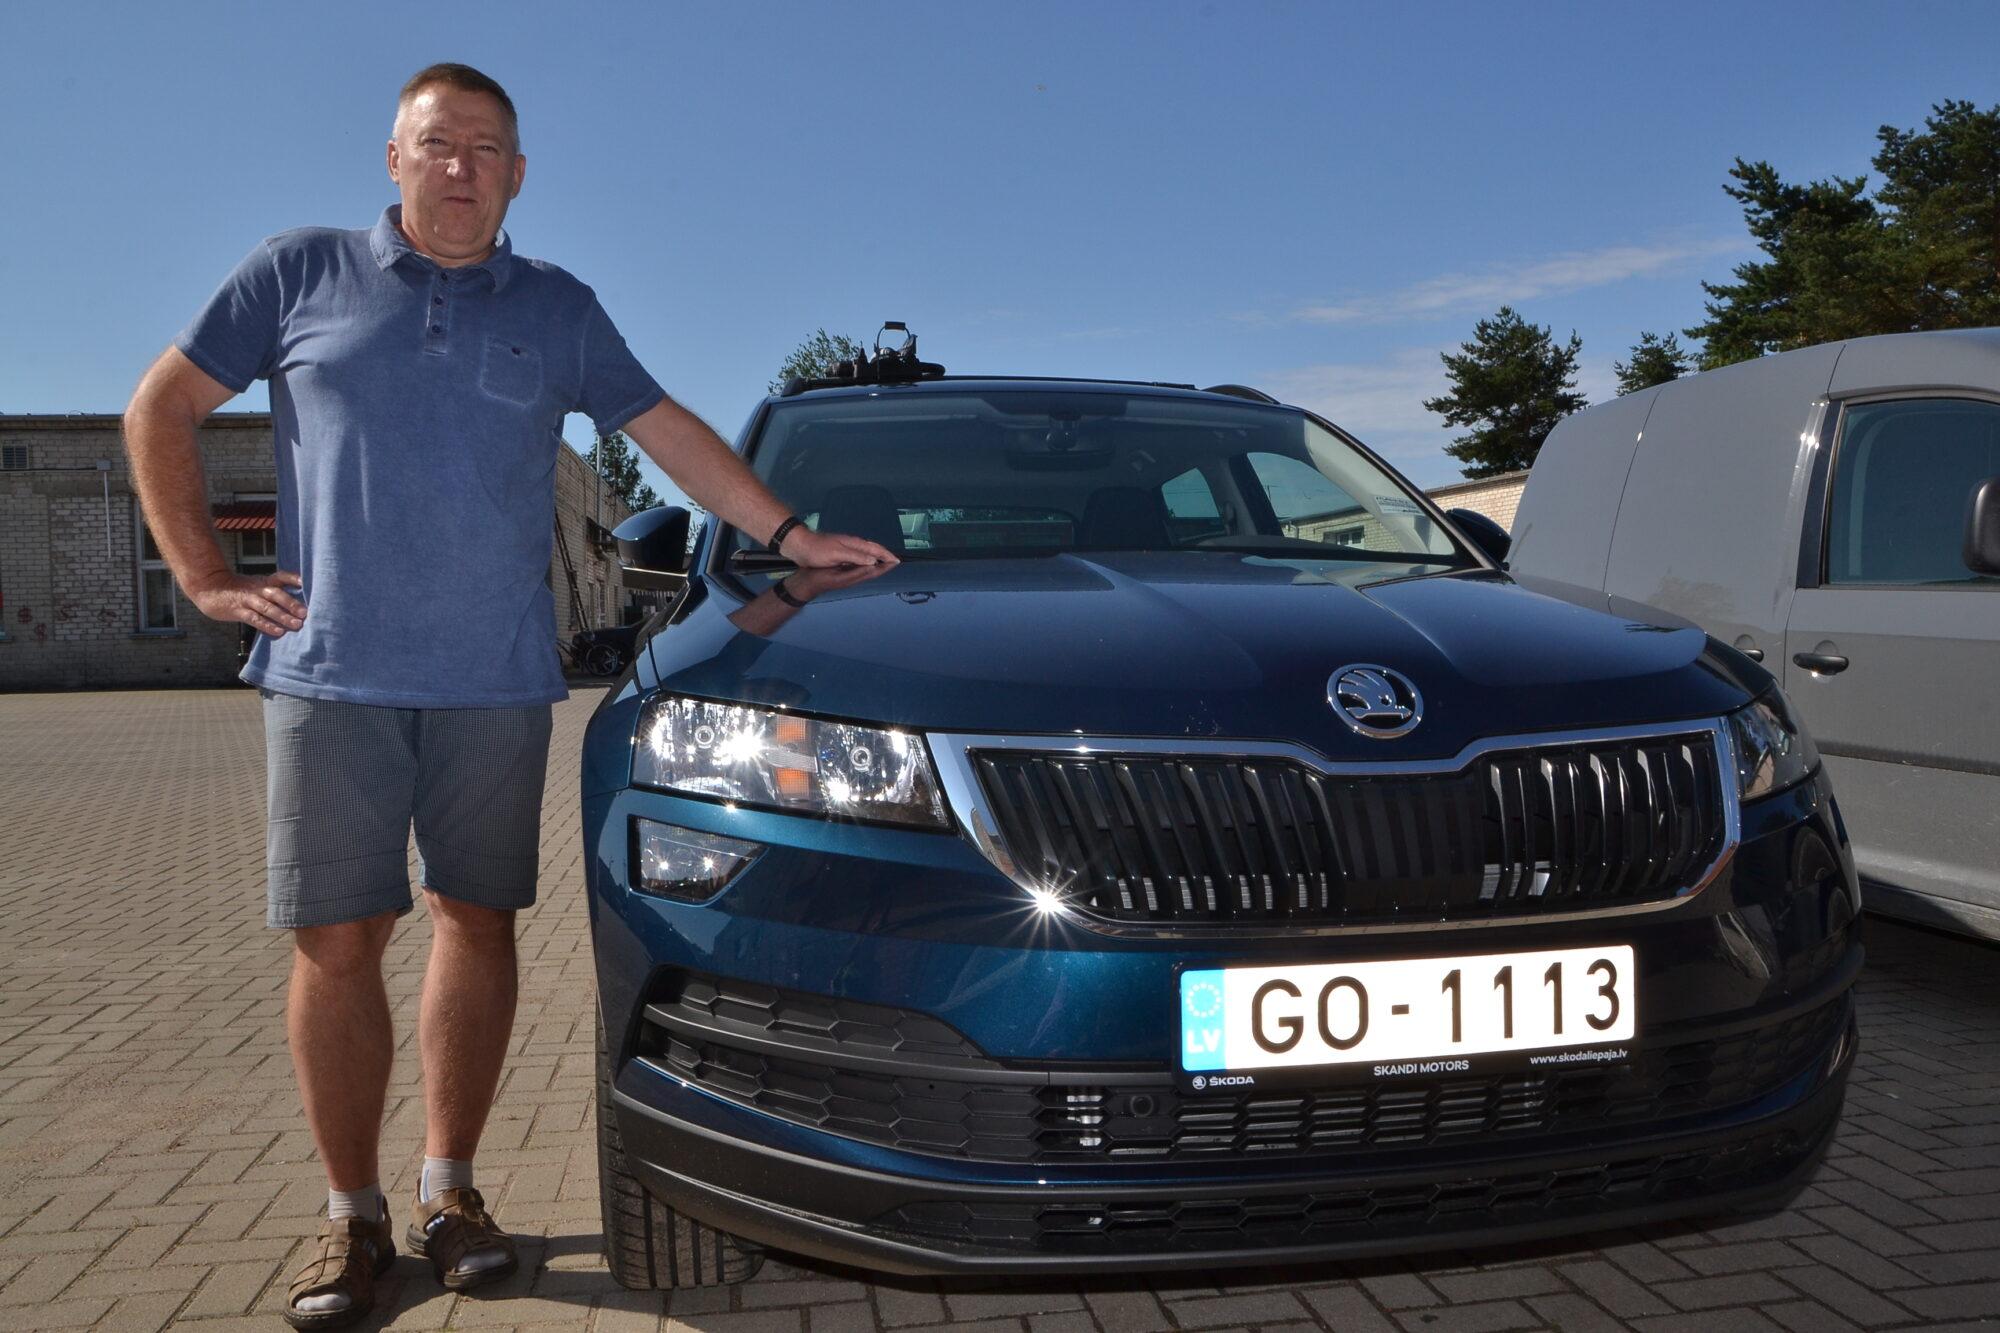 """Cer aizbraukt uz augstiem kalniem. Ainars Bergs stāsta par savu jauno """"Škoda Karoq"""""""